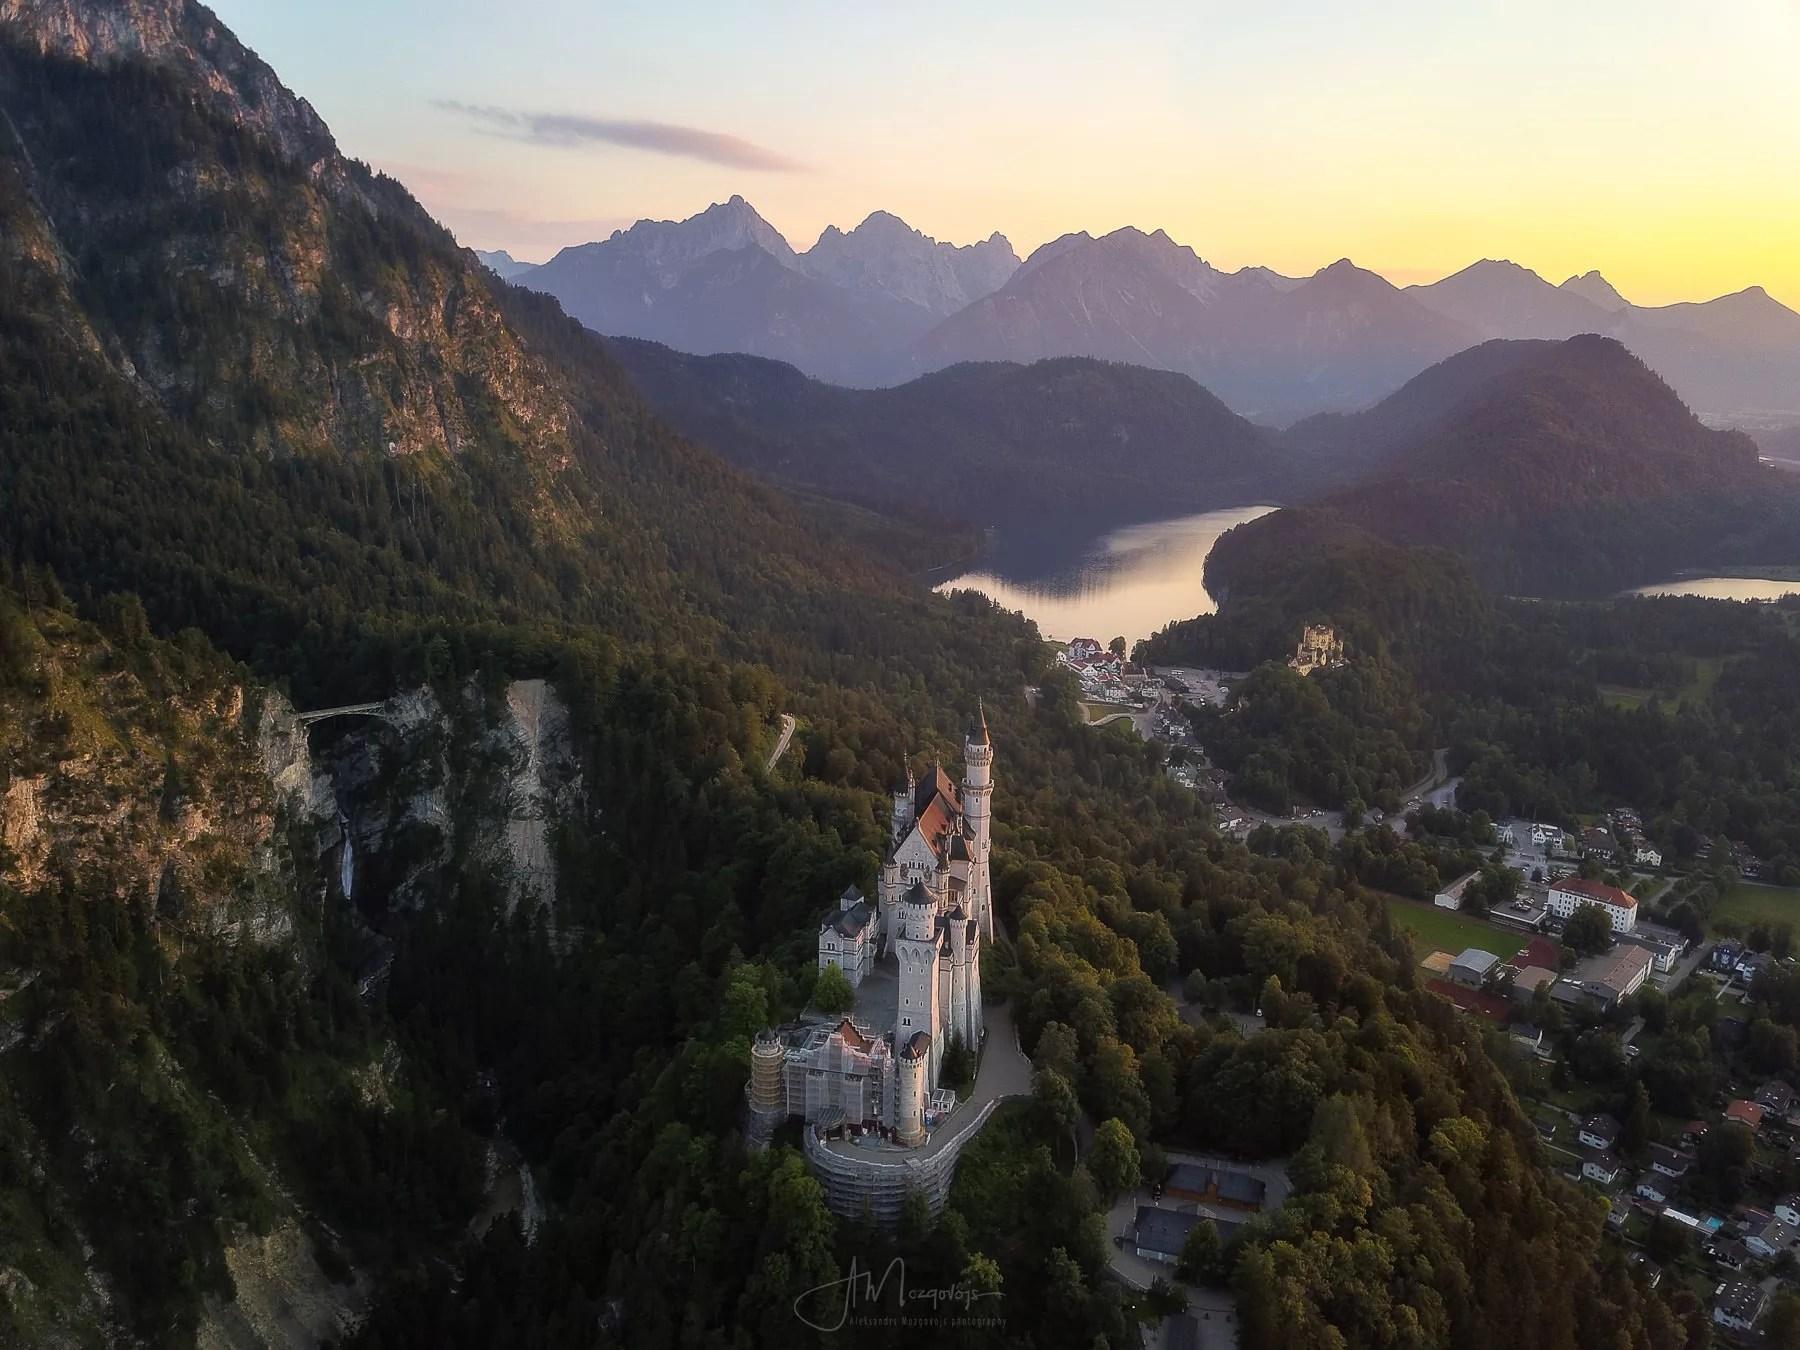 Castle Neuschwanstein and surrounding landscape